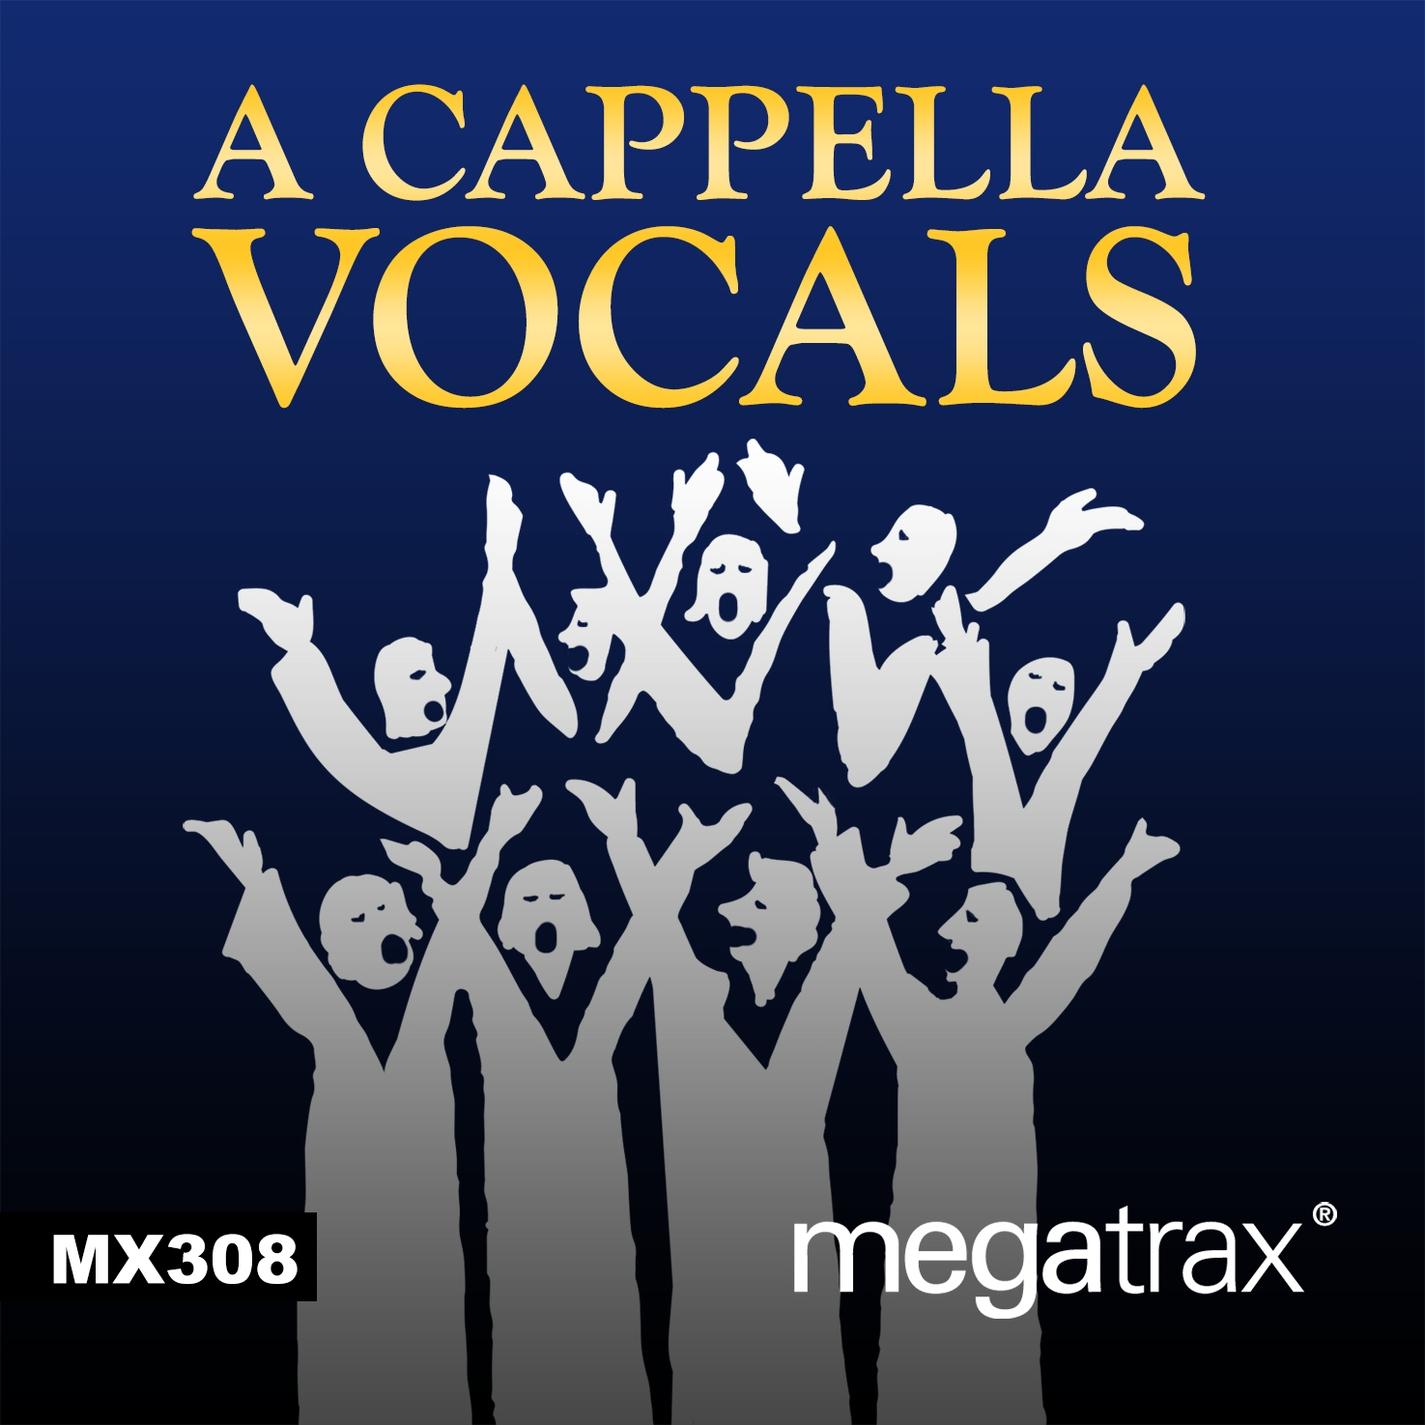 A Cappella Vocals